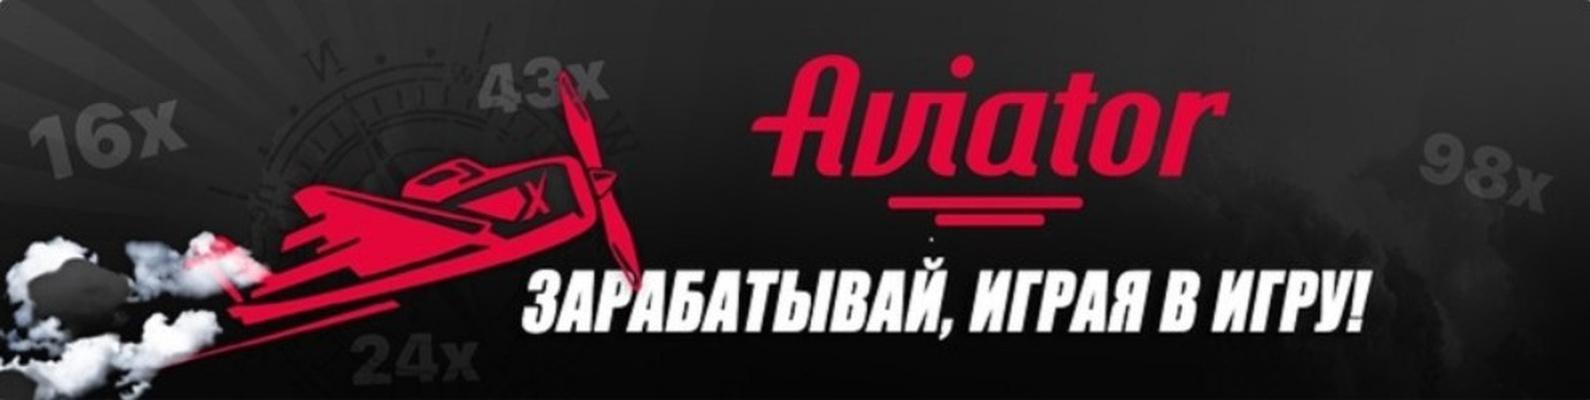 Aviator spribe игра на деньги в казино официальный сайт